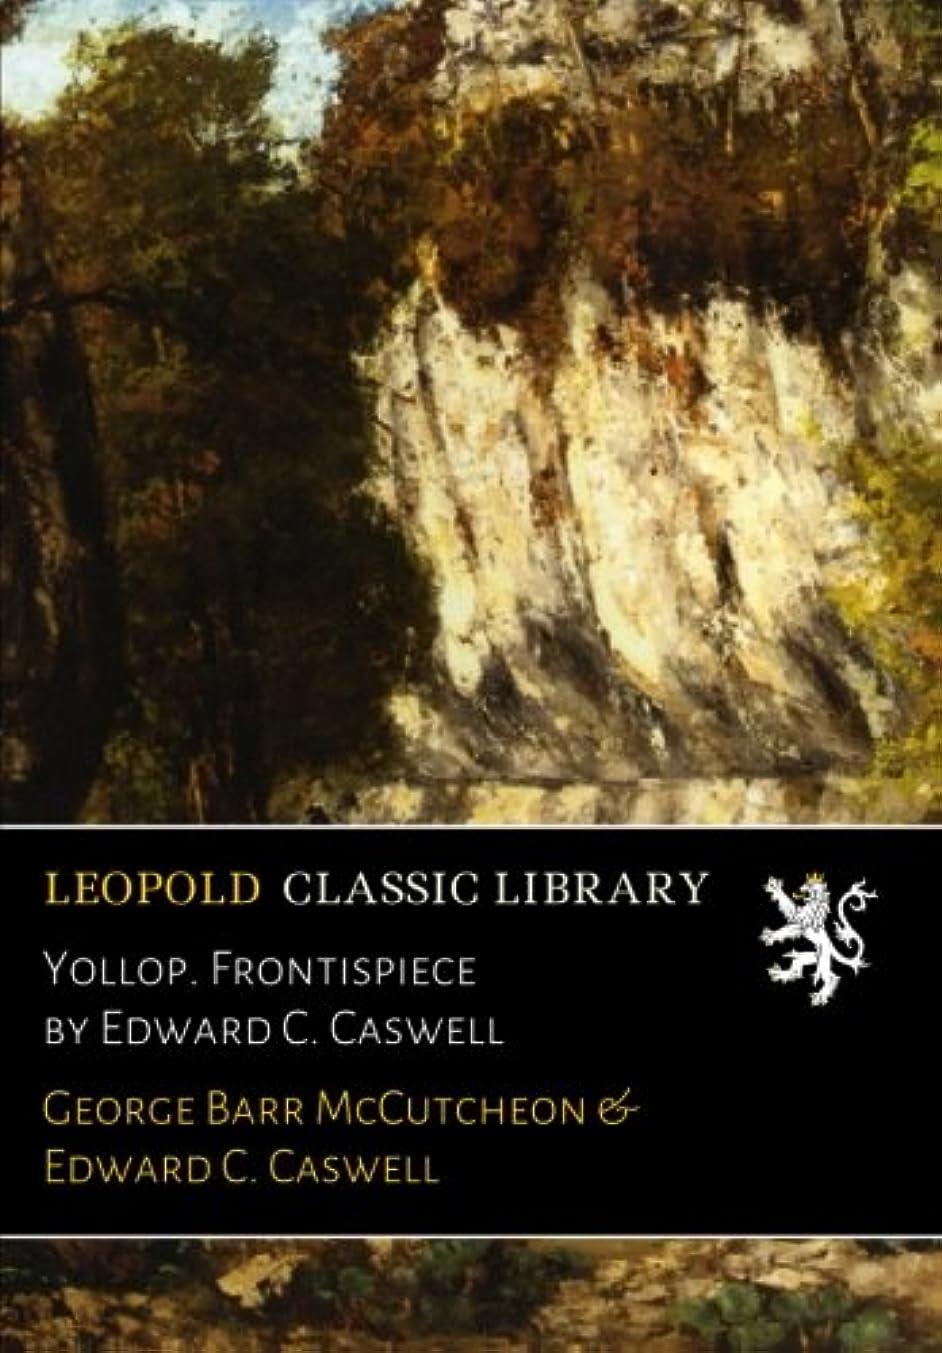 酒月曜作るYollop. Frontispiece by Edward C. Caswell